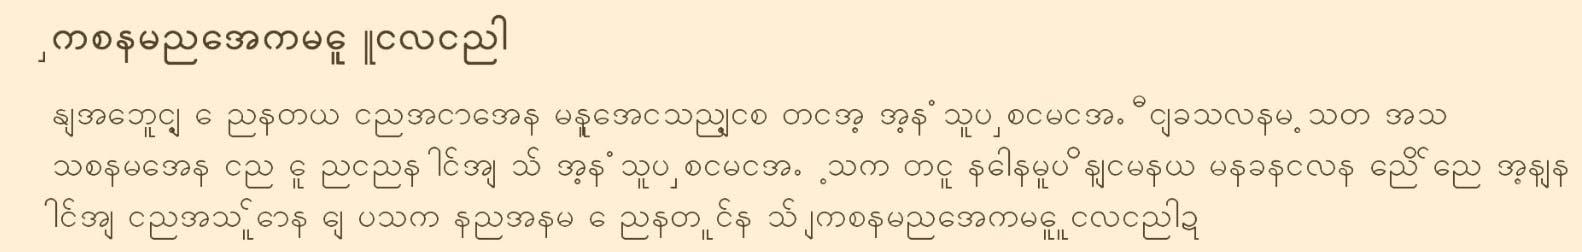 10-Burmese